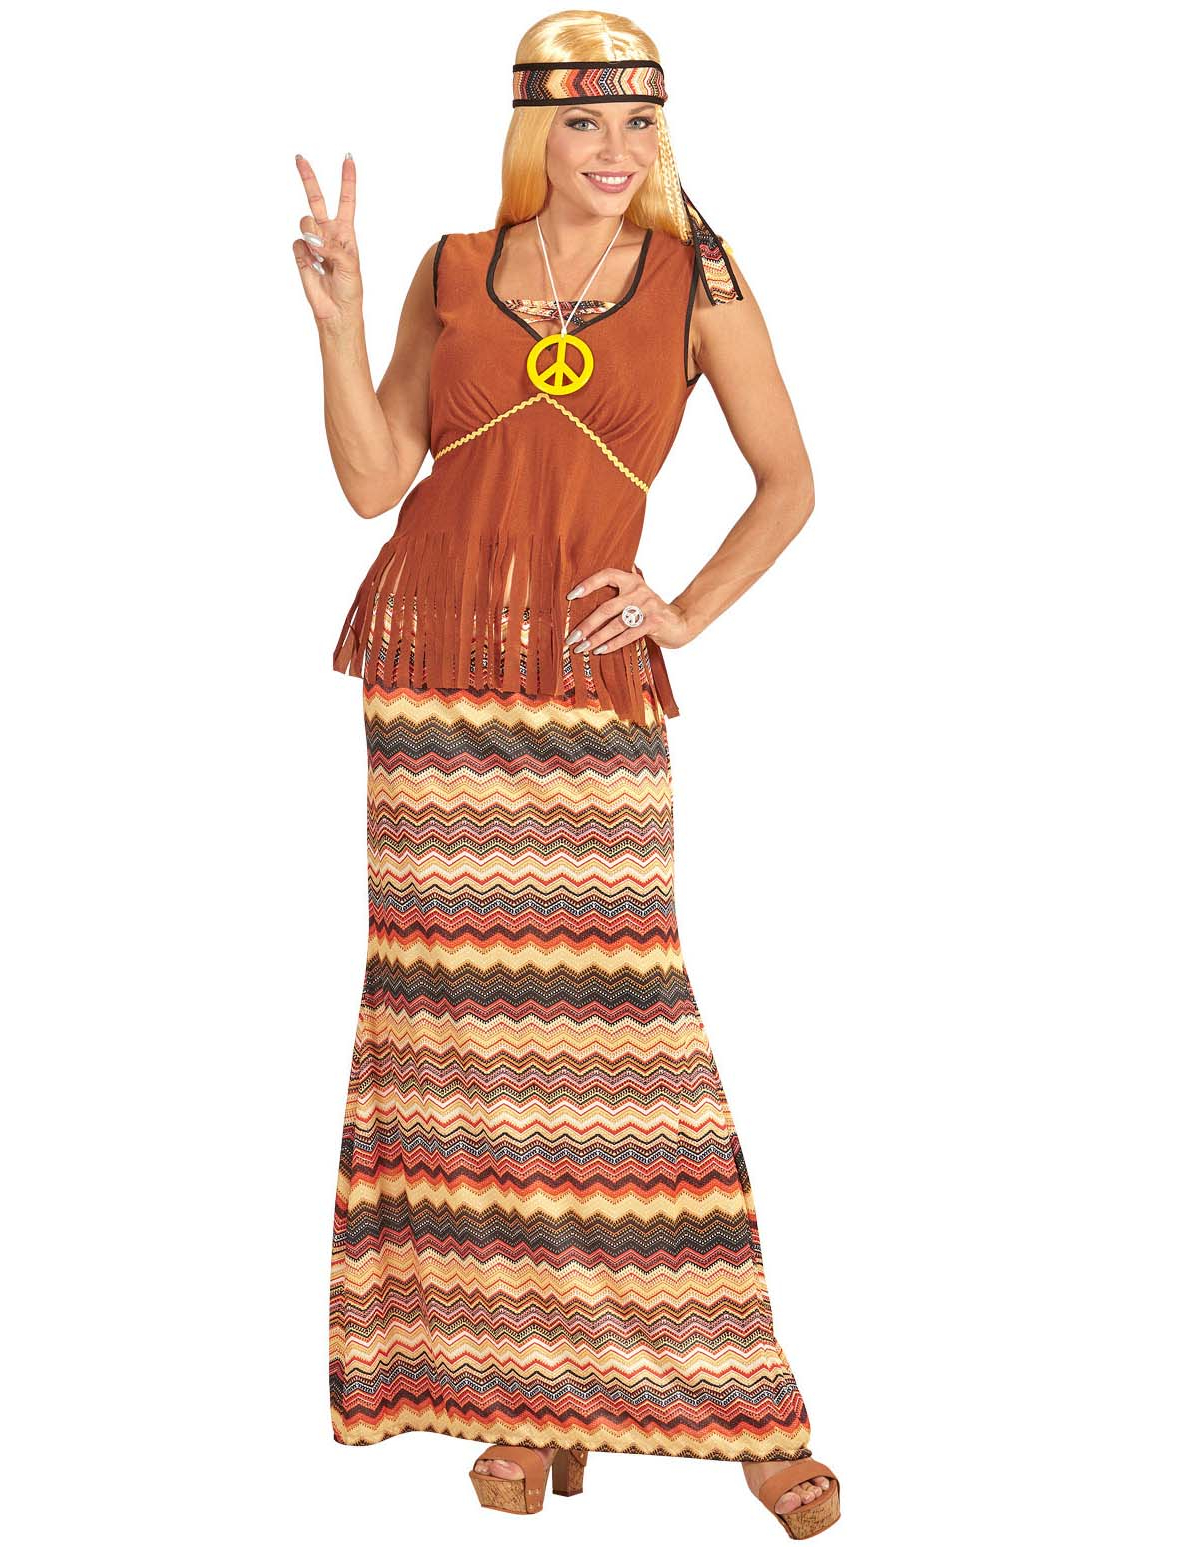 Costume Jupe Costume Jupe Hippie Jupe Costume Longue Hippie Hippie Longue 6vg7yYbf